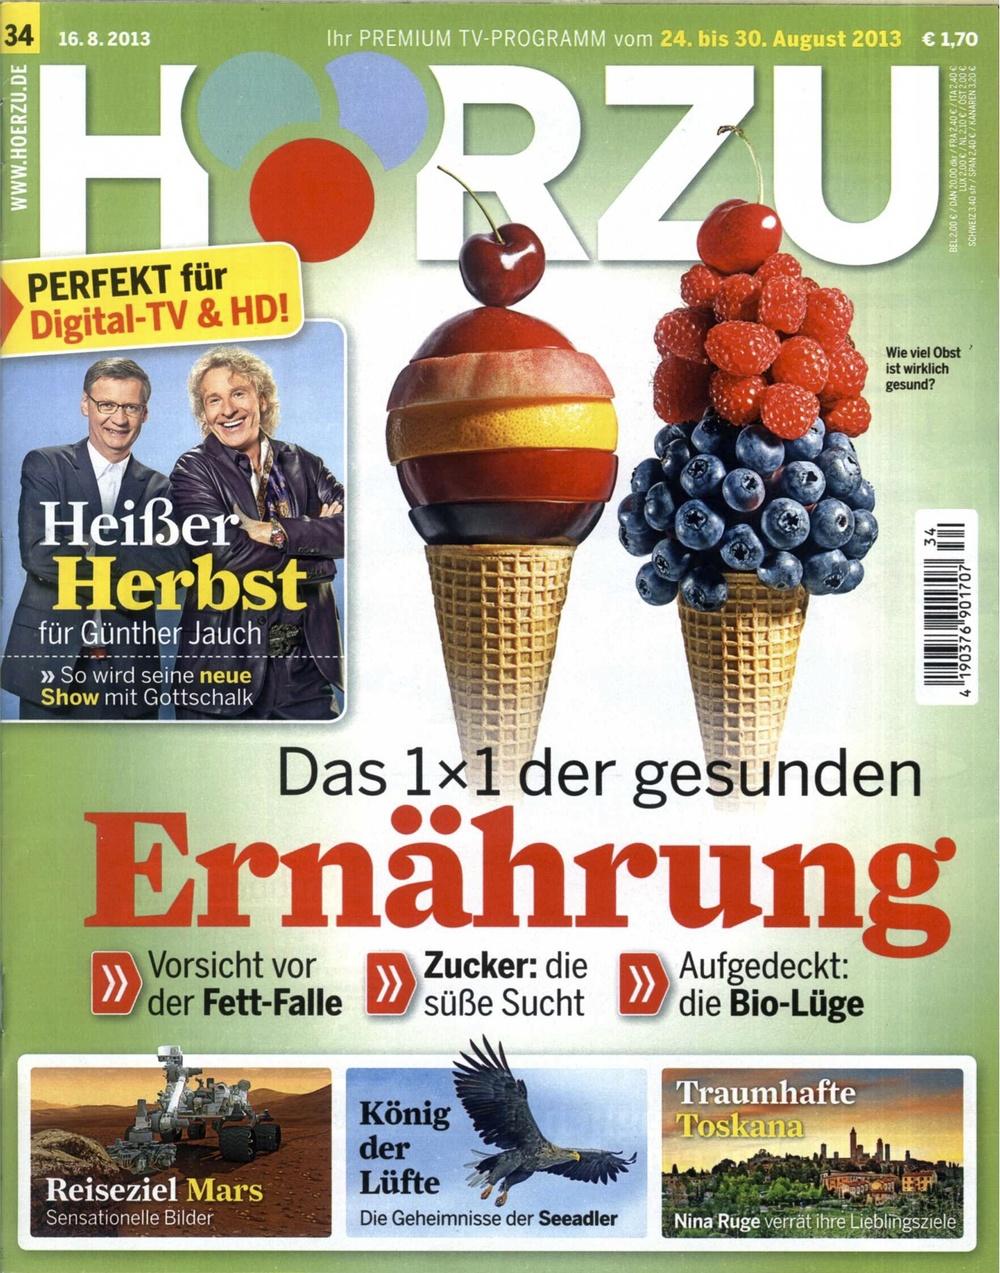 HZ_16-8-13_Cover.jpg